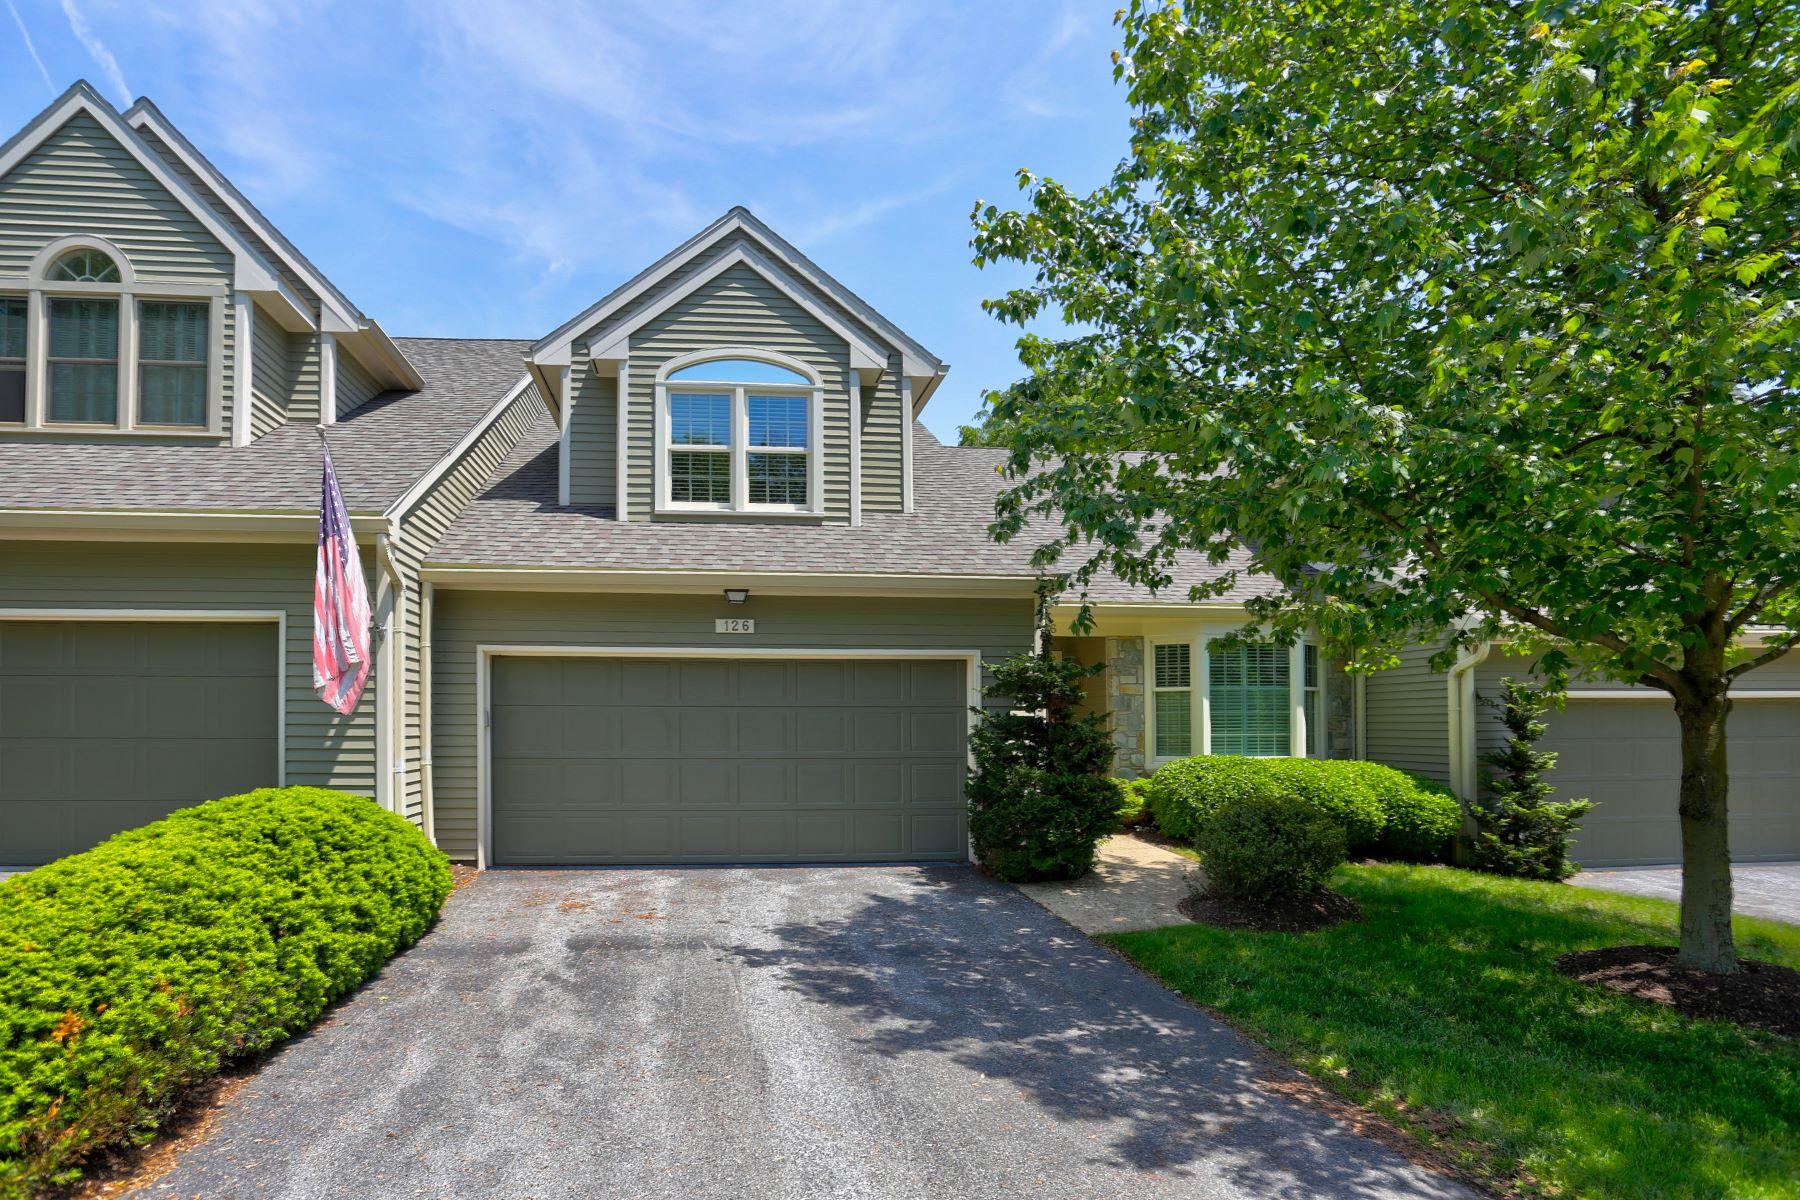 共管式独立产权公寓 为 销售 在 126 Deer Ford Drive 126 Deer Ford Drive 兰开斯特, 宾夕法尼亚州 17601 美国